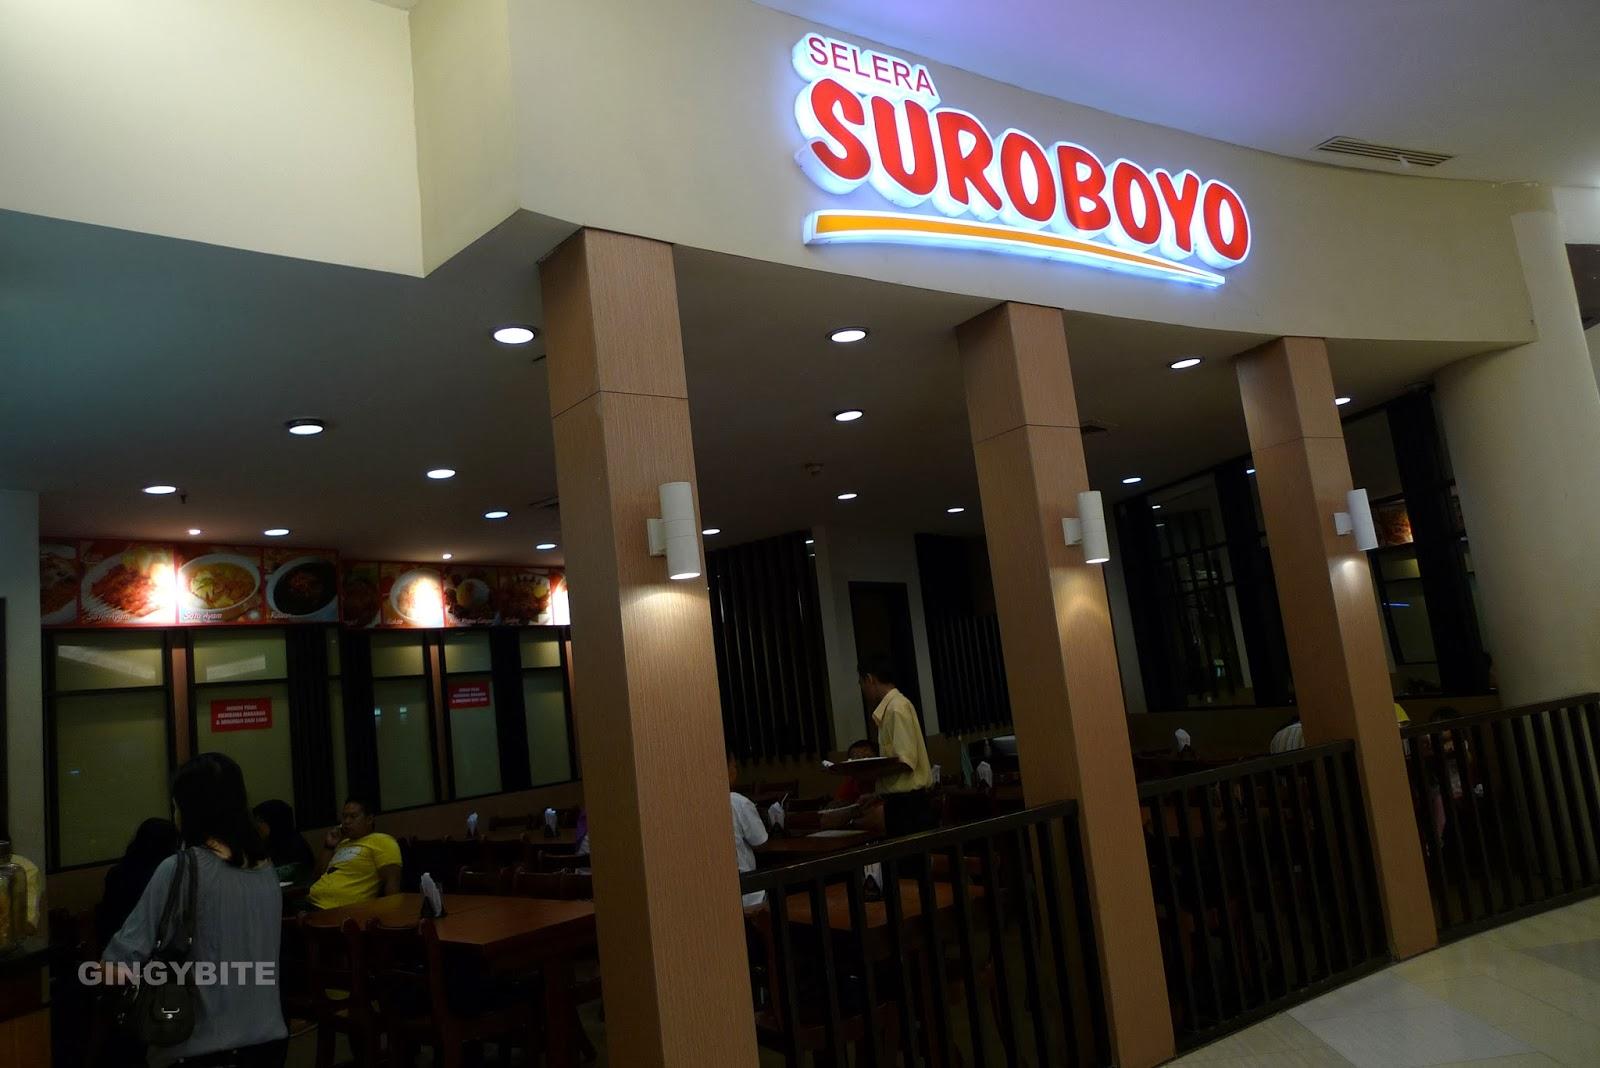 Selera Suroboyo